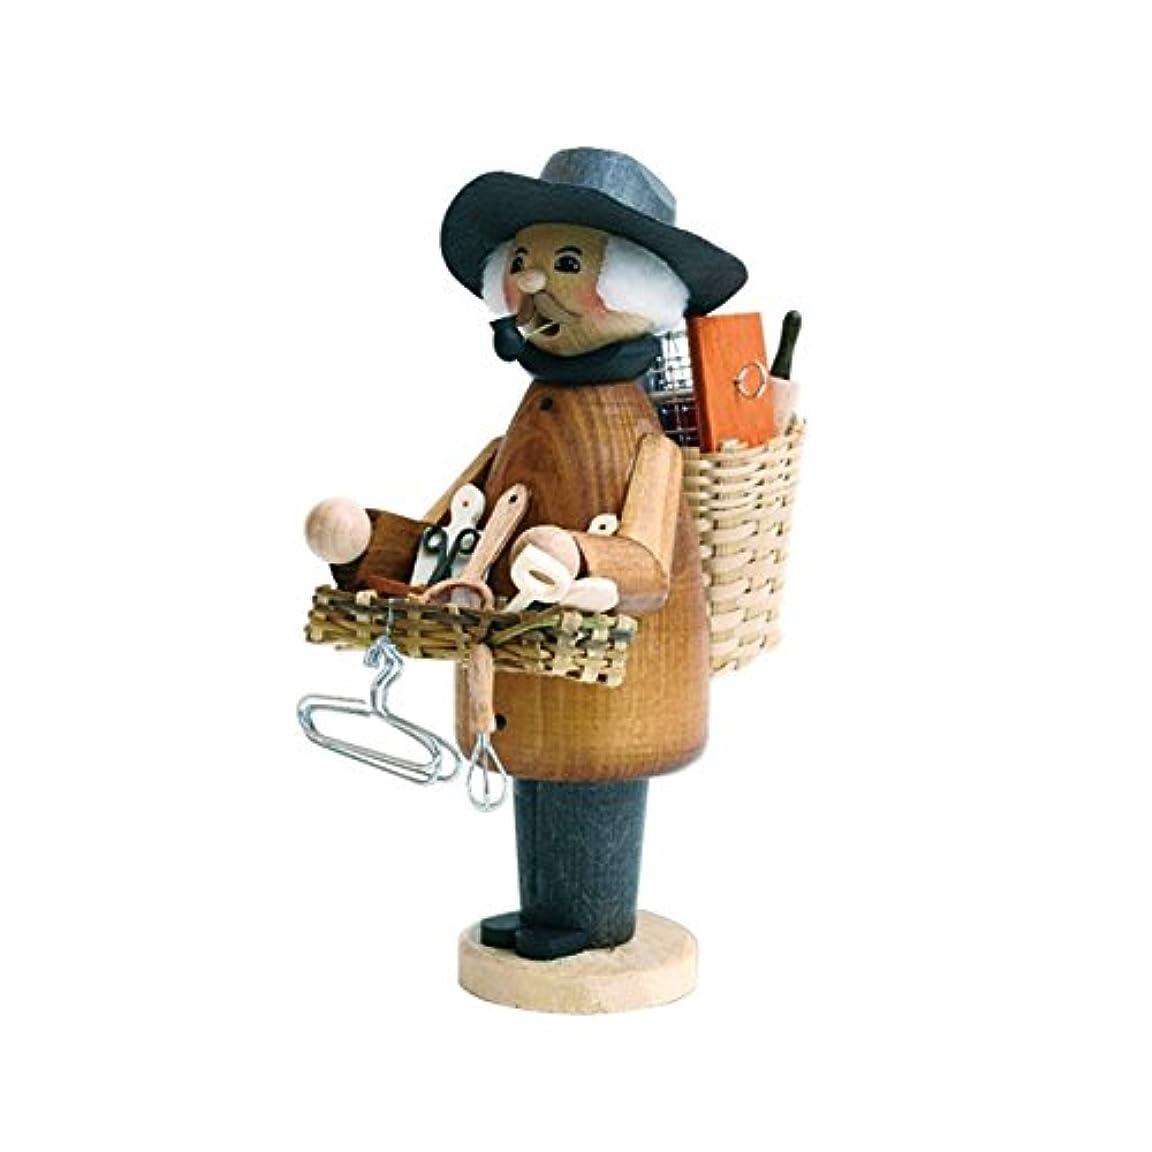 ドアミラー品揃え過敏なクーネルト ミニパイプ人形香炉 道具売り